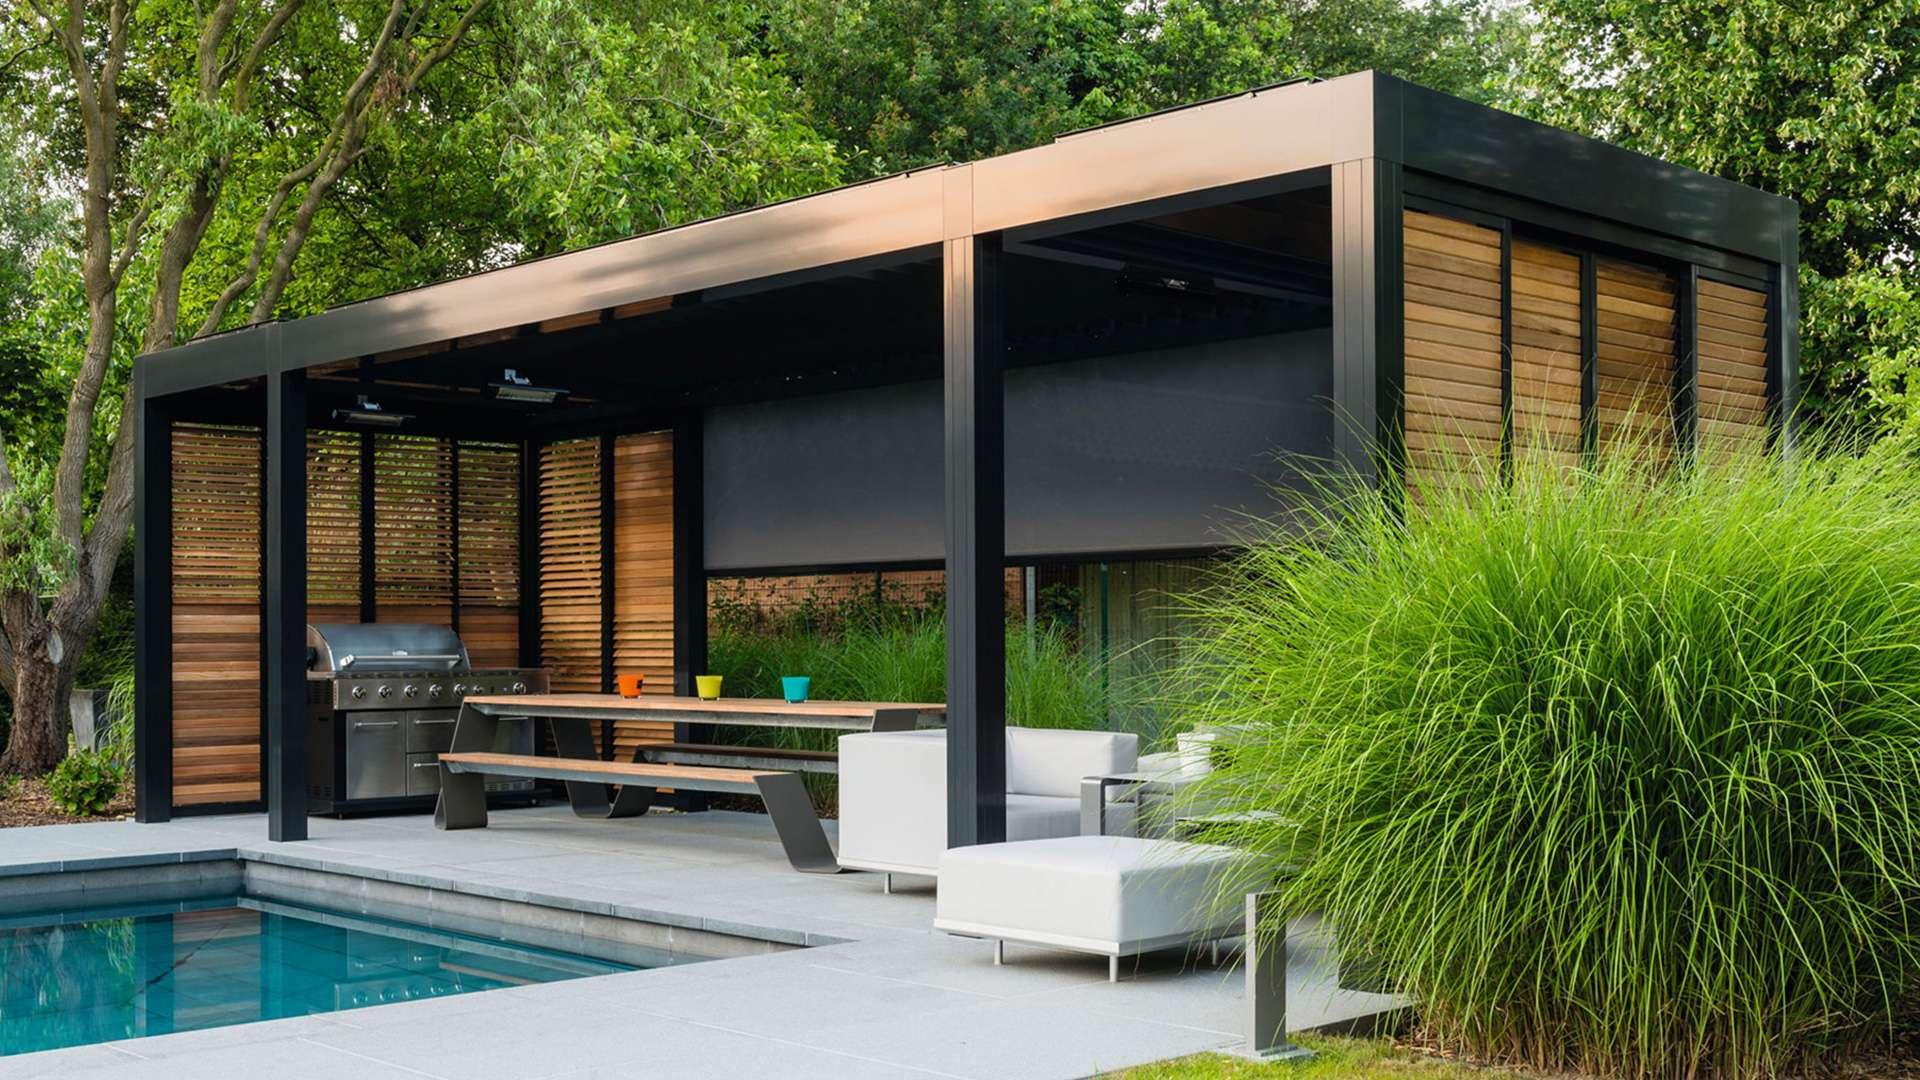 großes freistehendes Lamellendach neben einem Pool